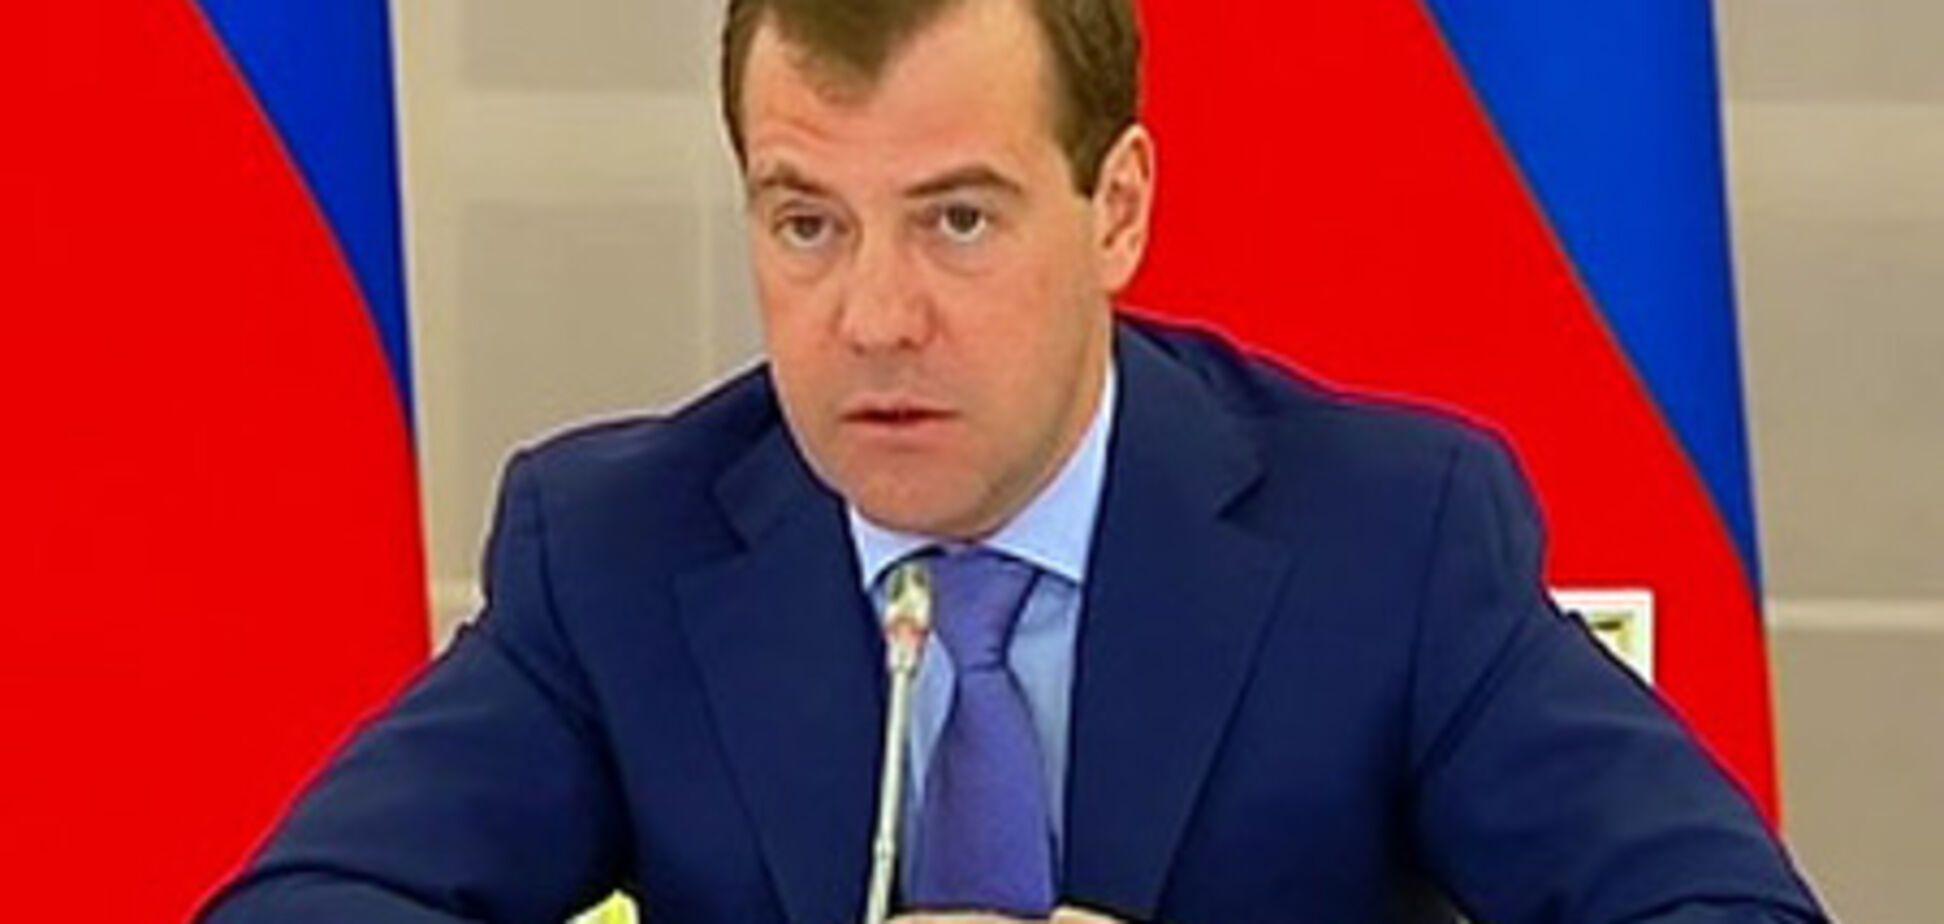 Медведєв оголосив боротьбу націоналізму